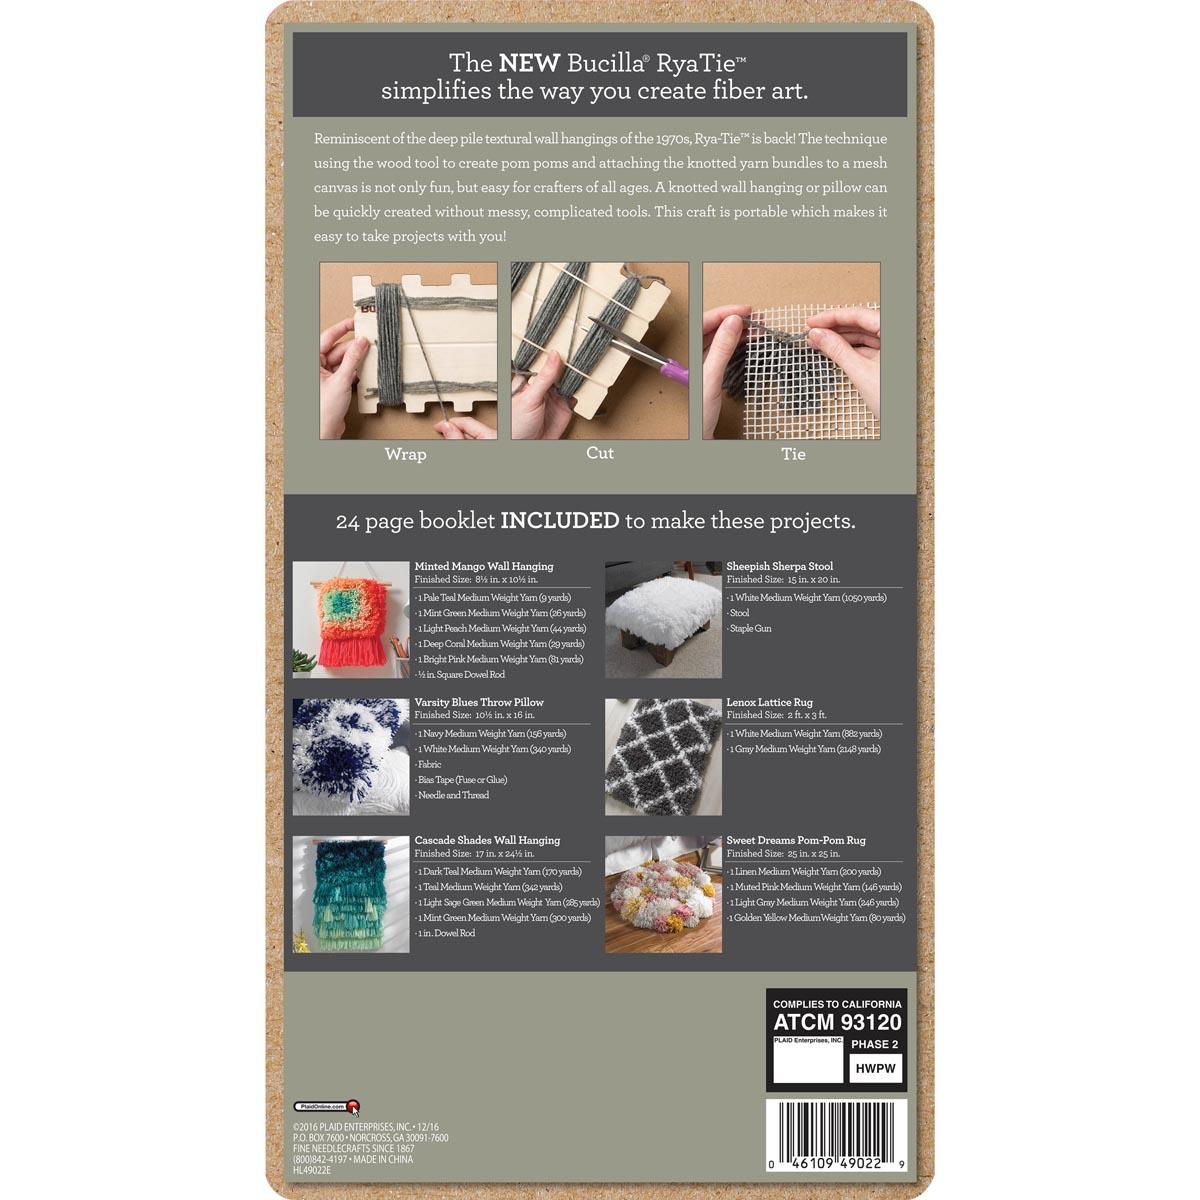 Bucilla ® RyaTie™ Tool Kit